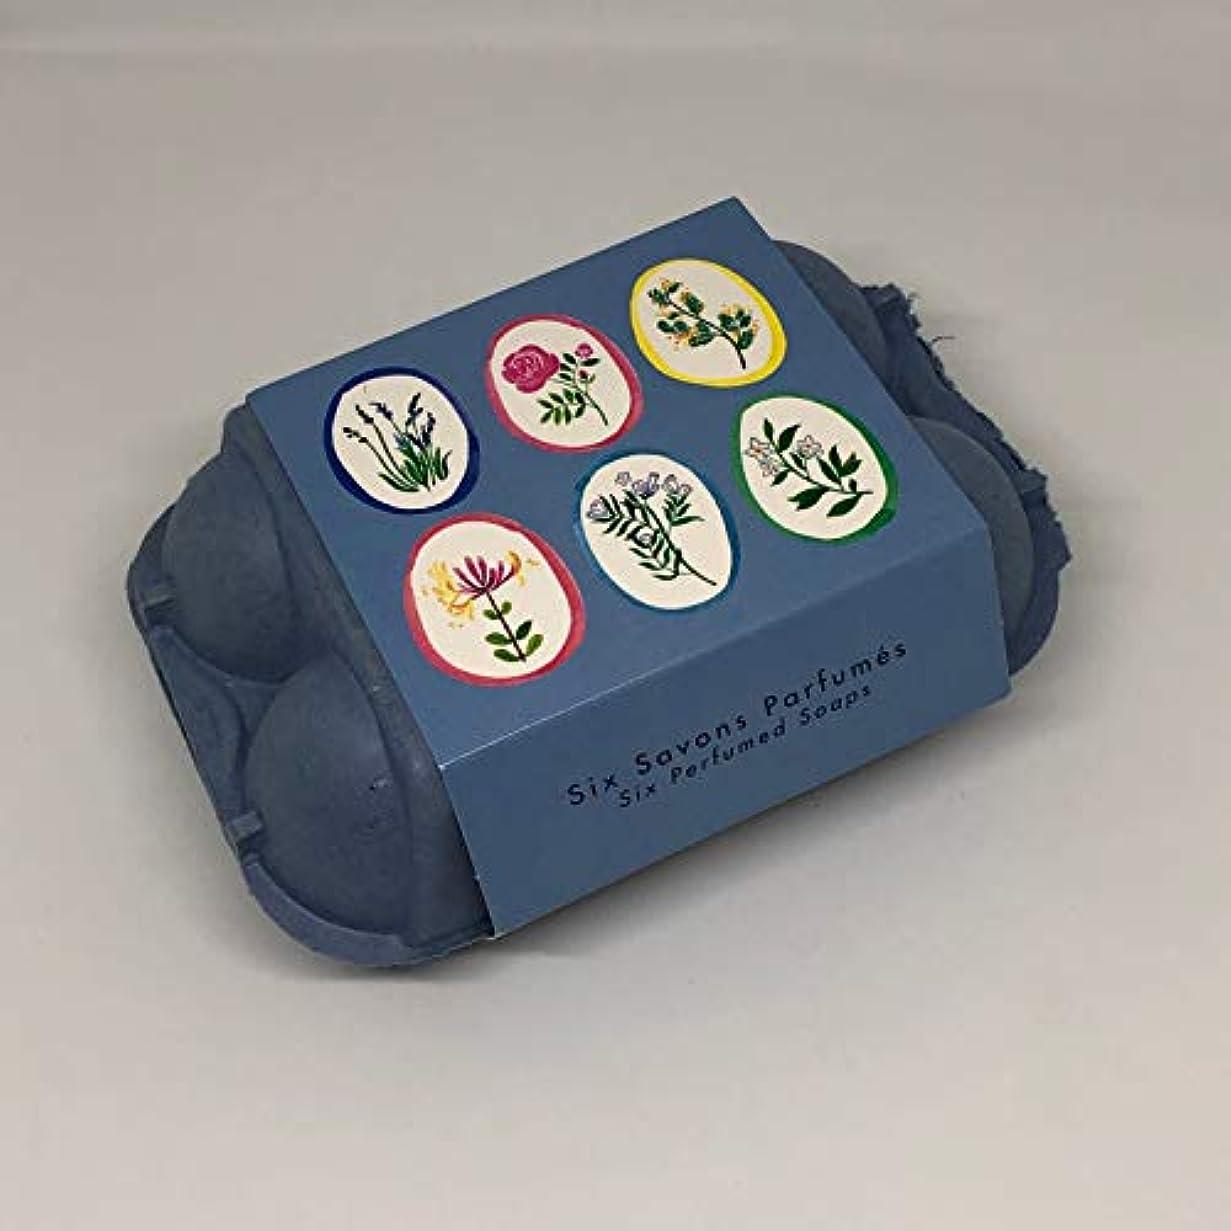 特異性ネストセンターフラゴナール Fragonard 卵型ソープセット 50g×6個 フランス直輸入 BLUE